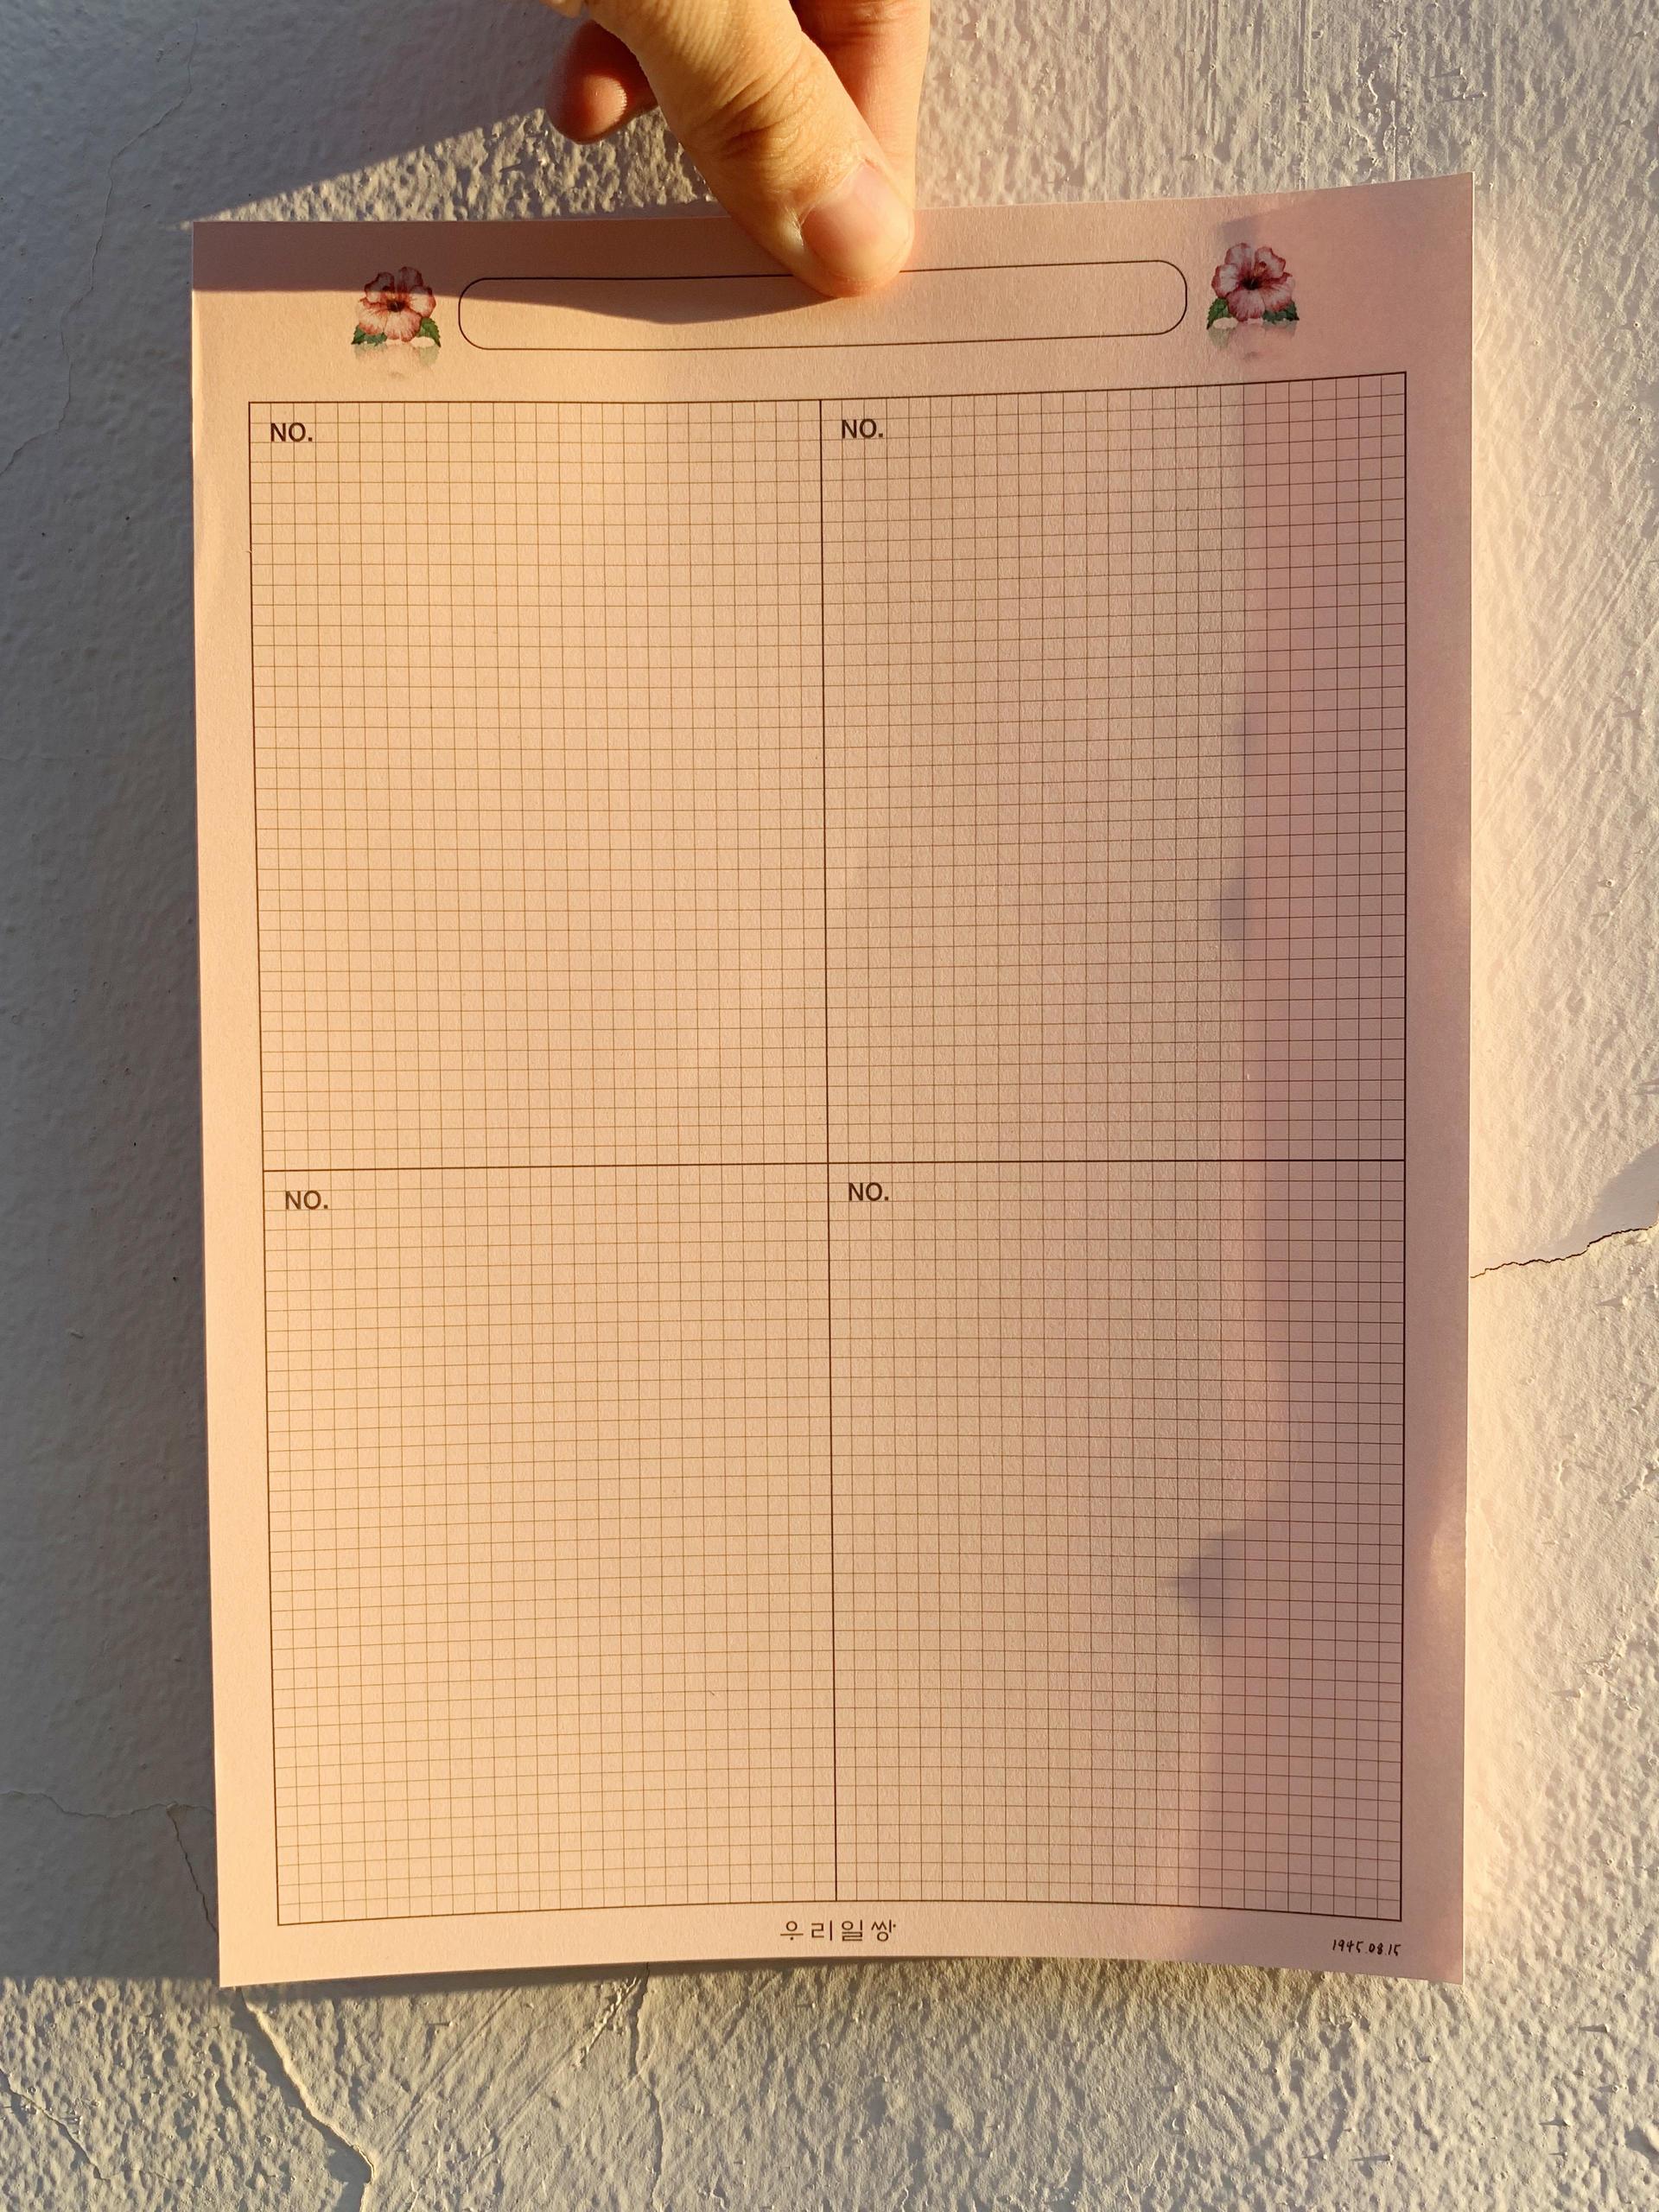 광복절 무궁화 대형 4칸 딥 아이보리 B5 메모지 - 우리일쌍, 4,000원, 메모/점착메모, 메모지